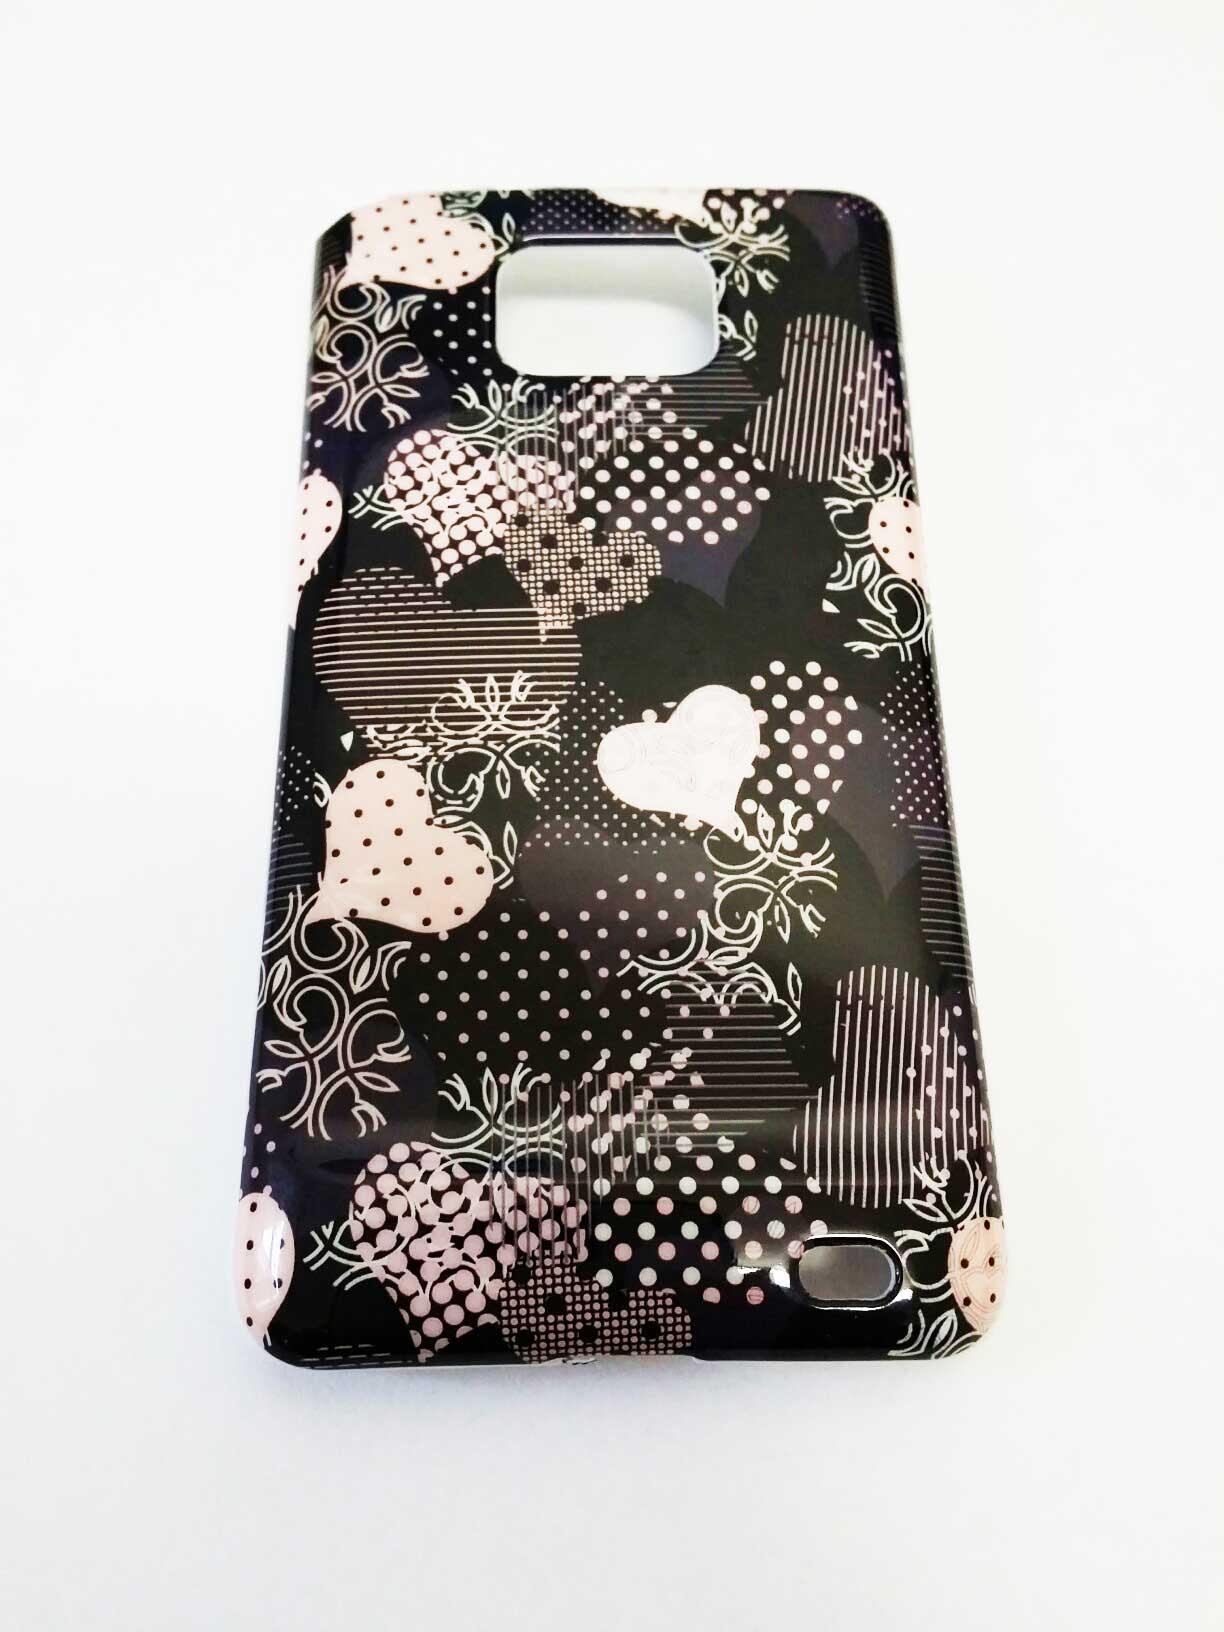 Obal pevný Samsung i9100 Galaxy S2 srdíčka černá a růžová